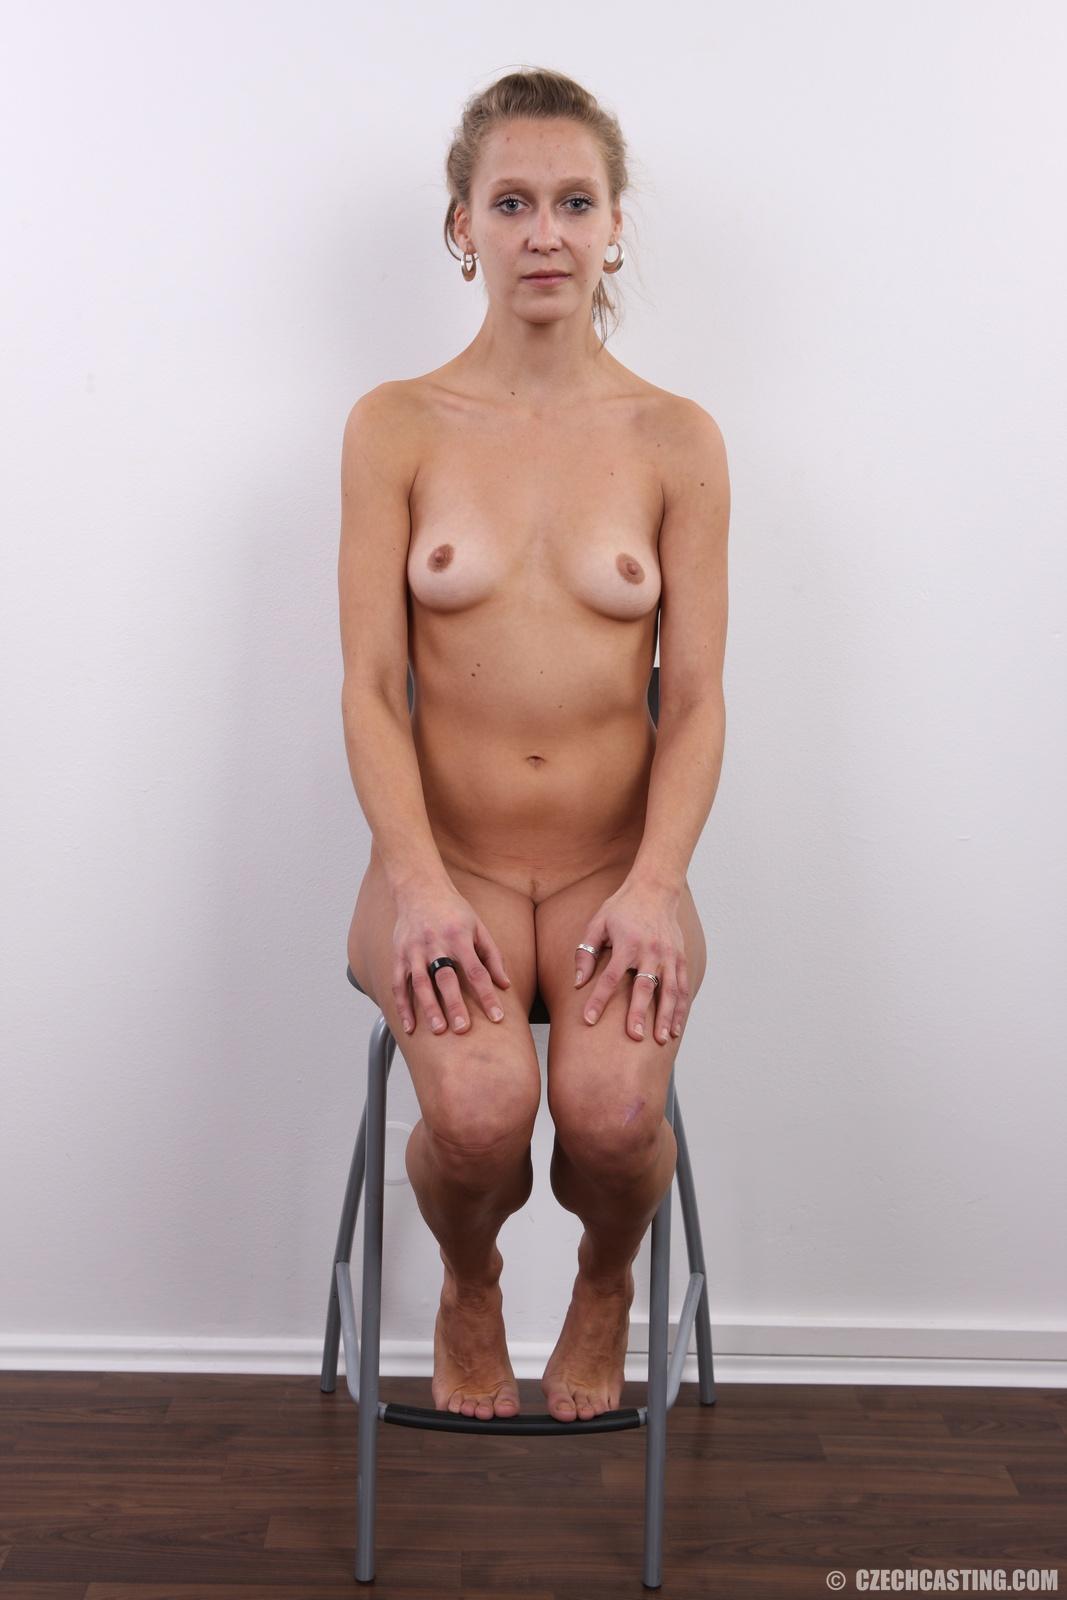 tall girl pirn pics